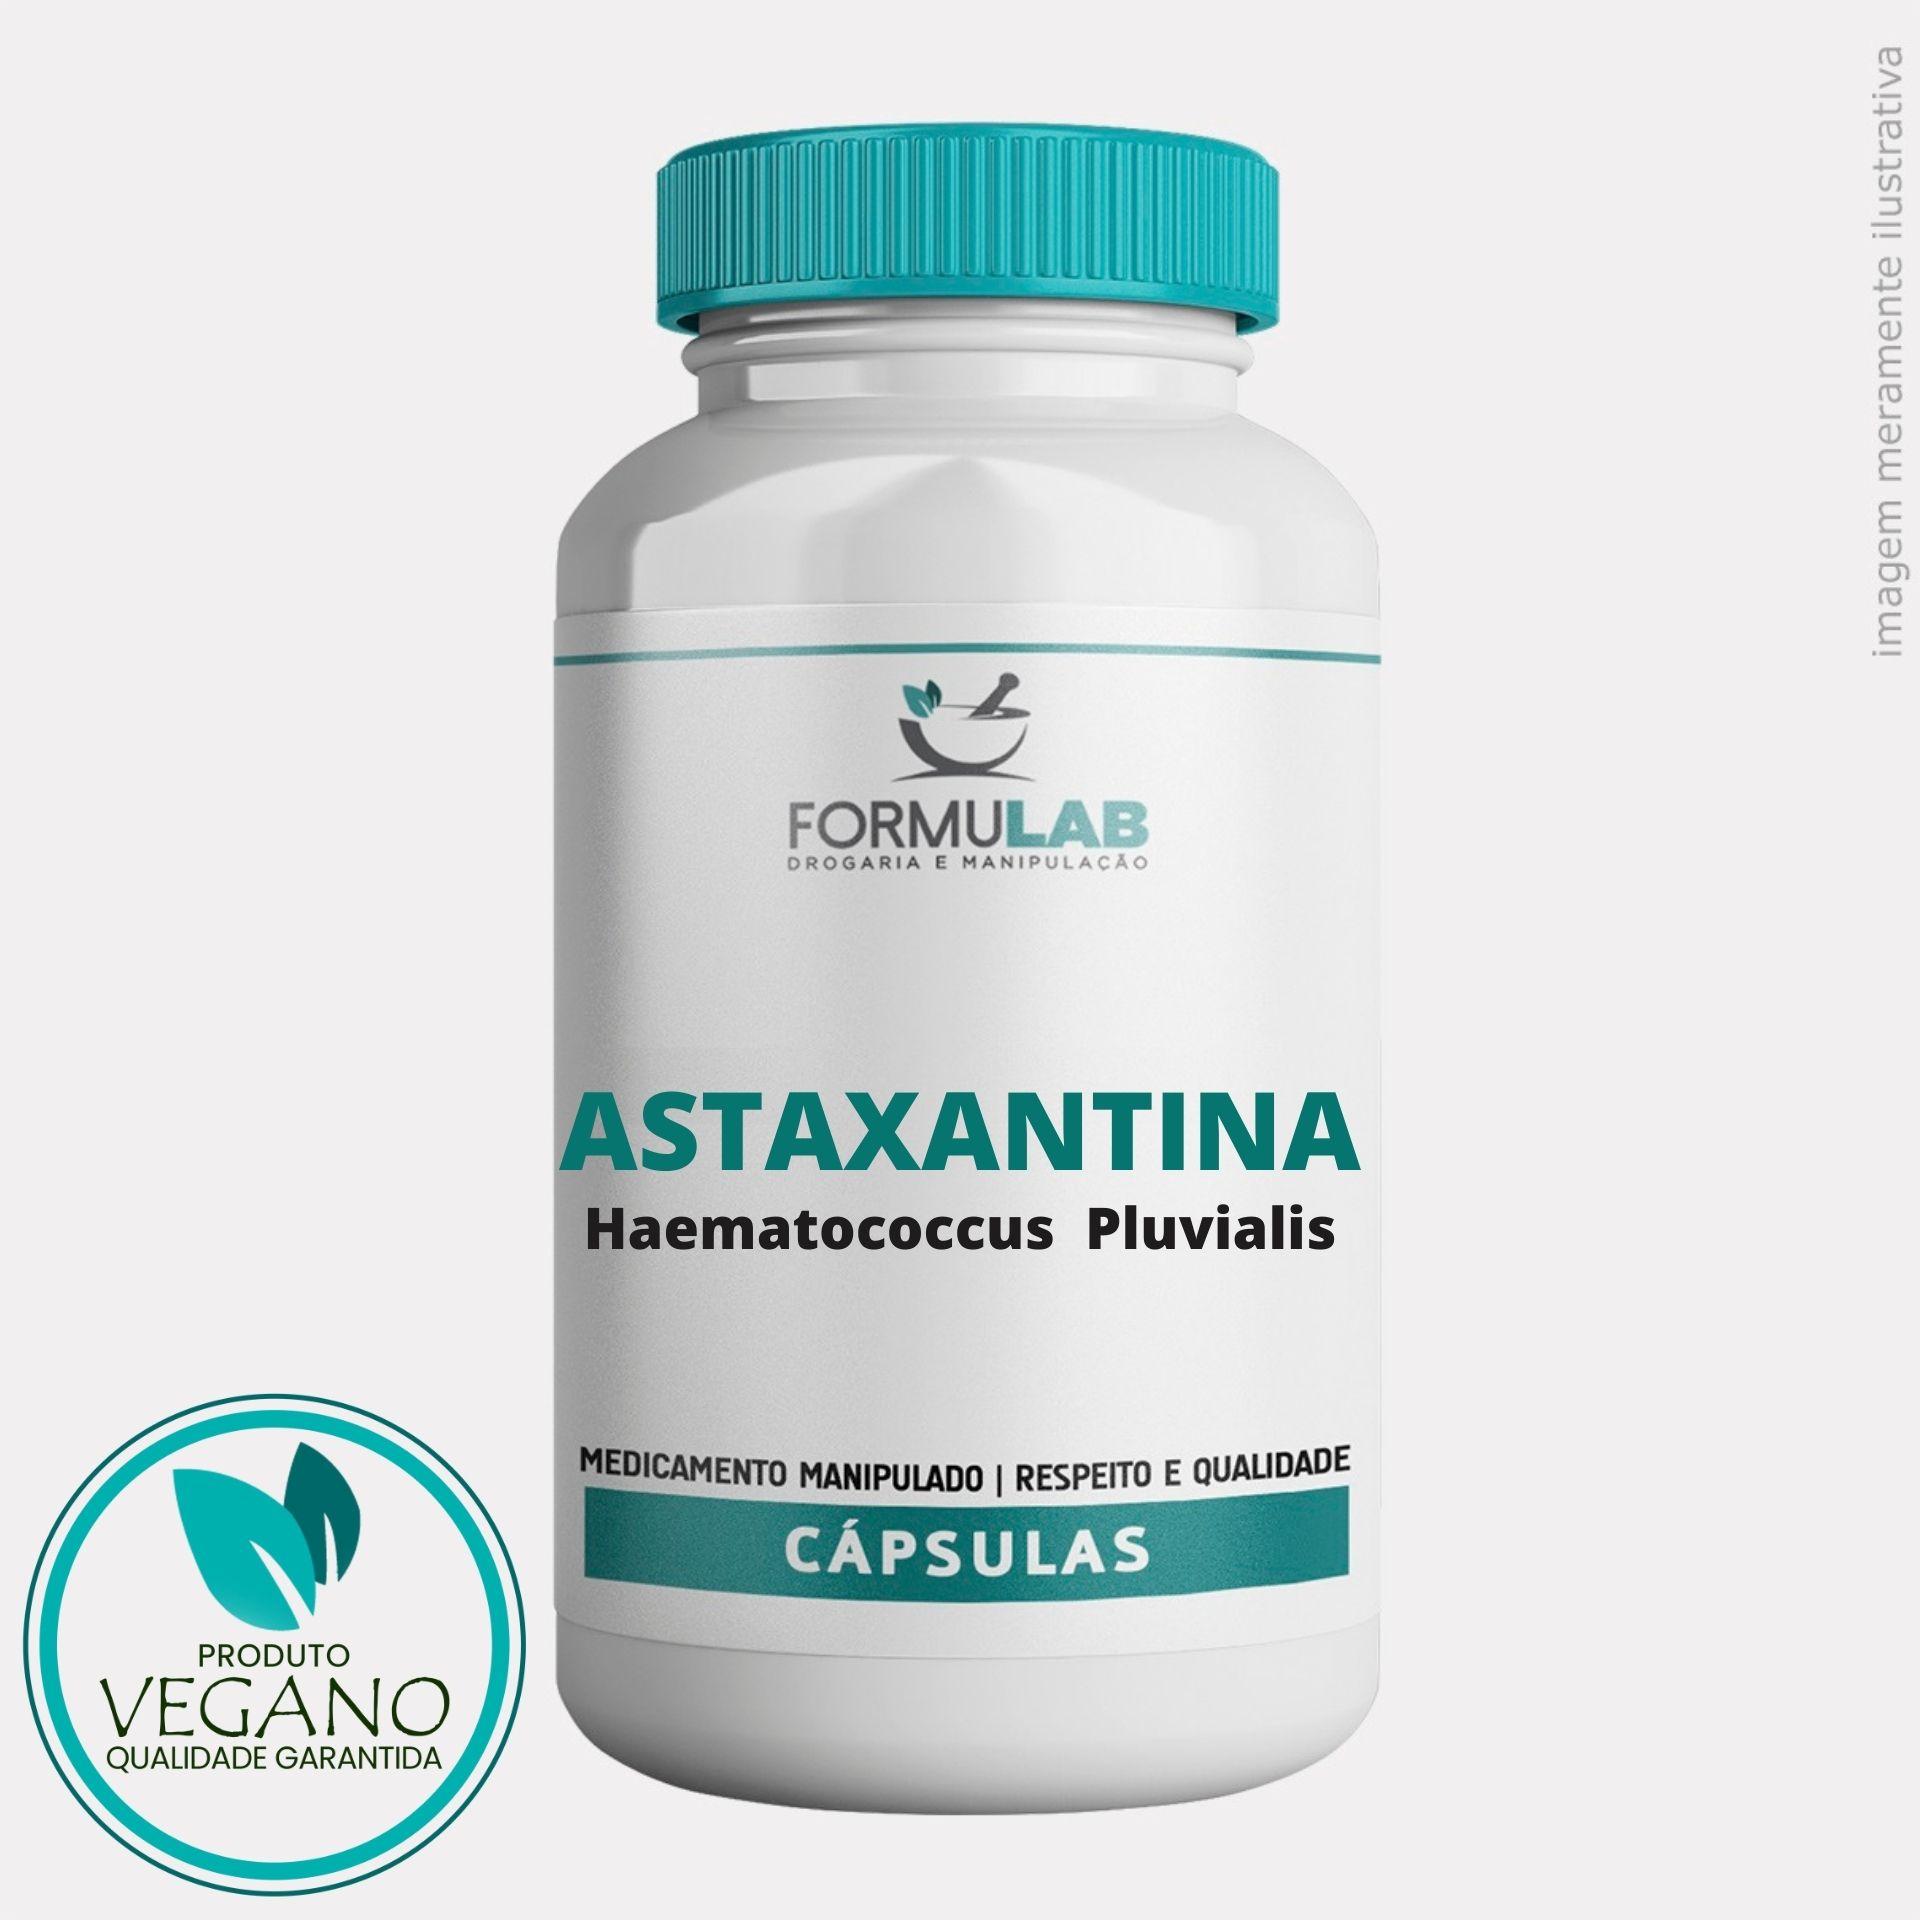 Astaxantina 10mg - VEGAN